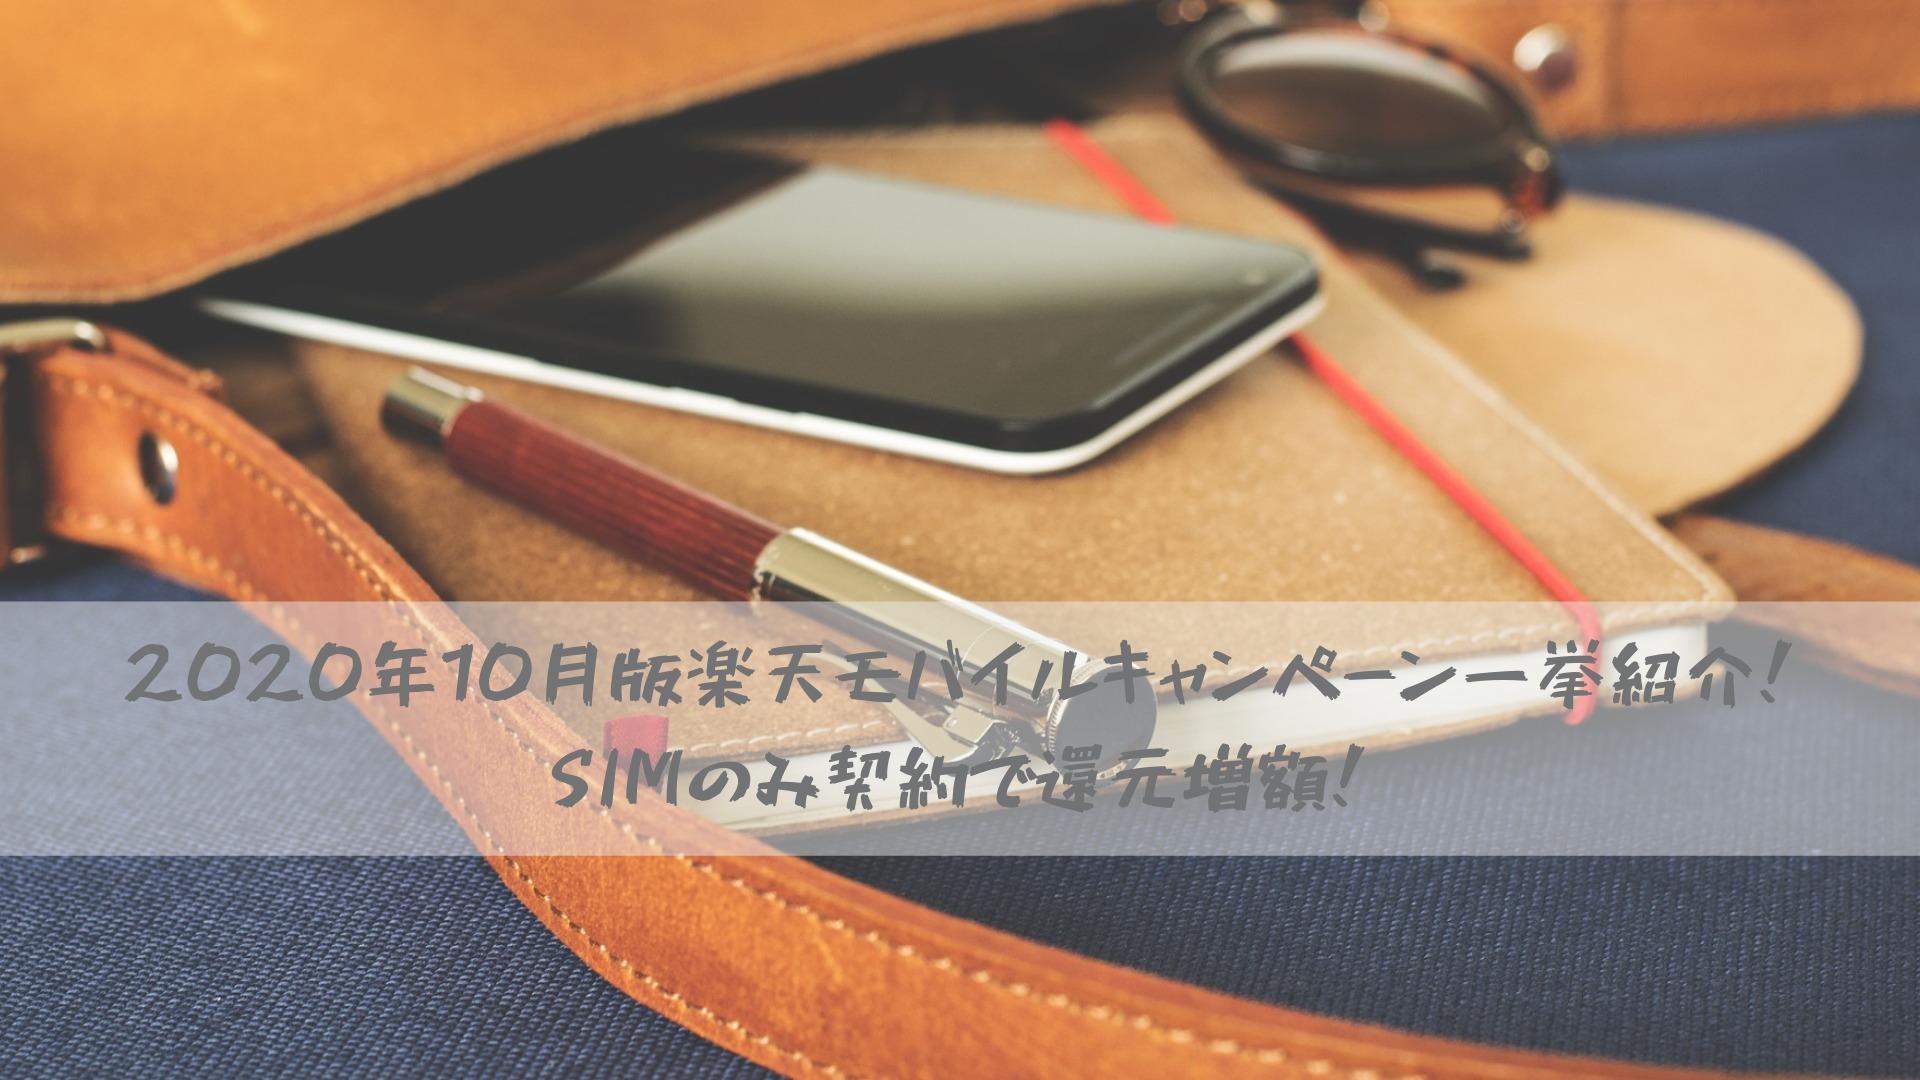 2020年10月版楽天モバイルキャンペーン一挙紹介!SIMのみ契約で還元増額!